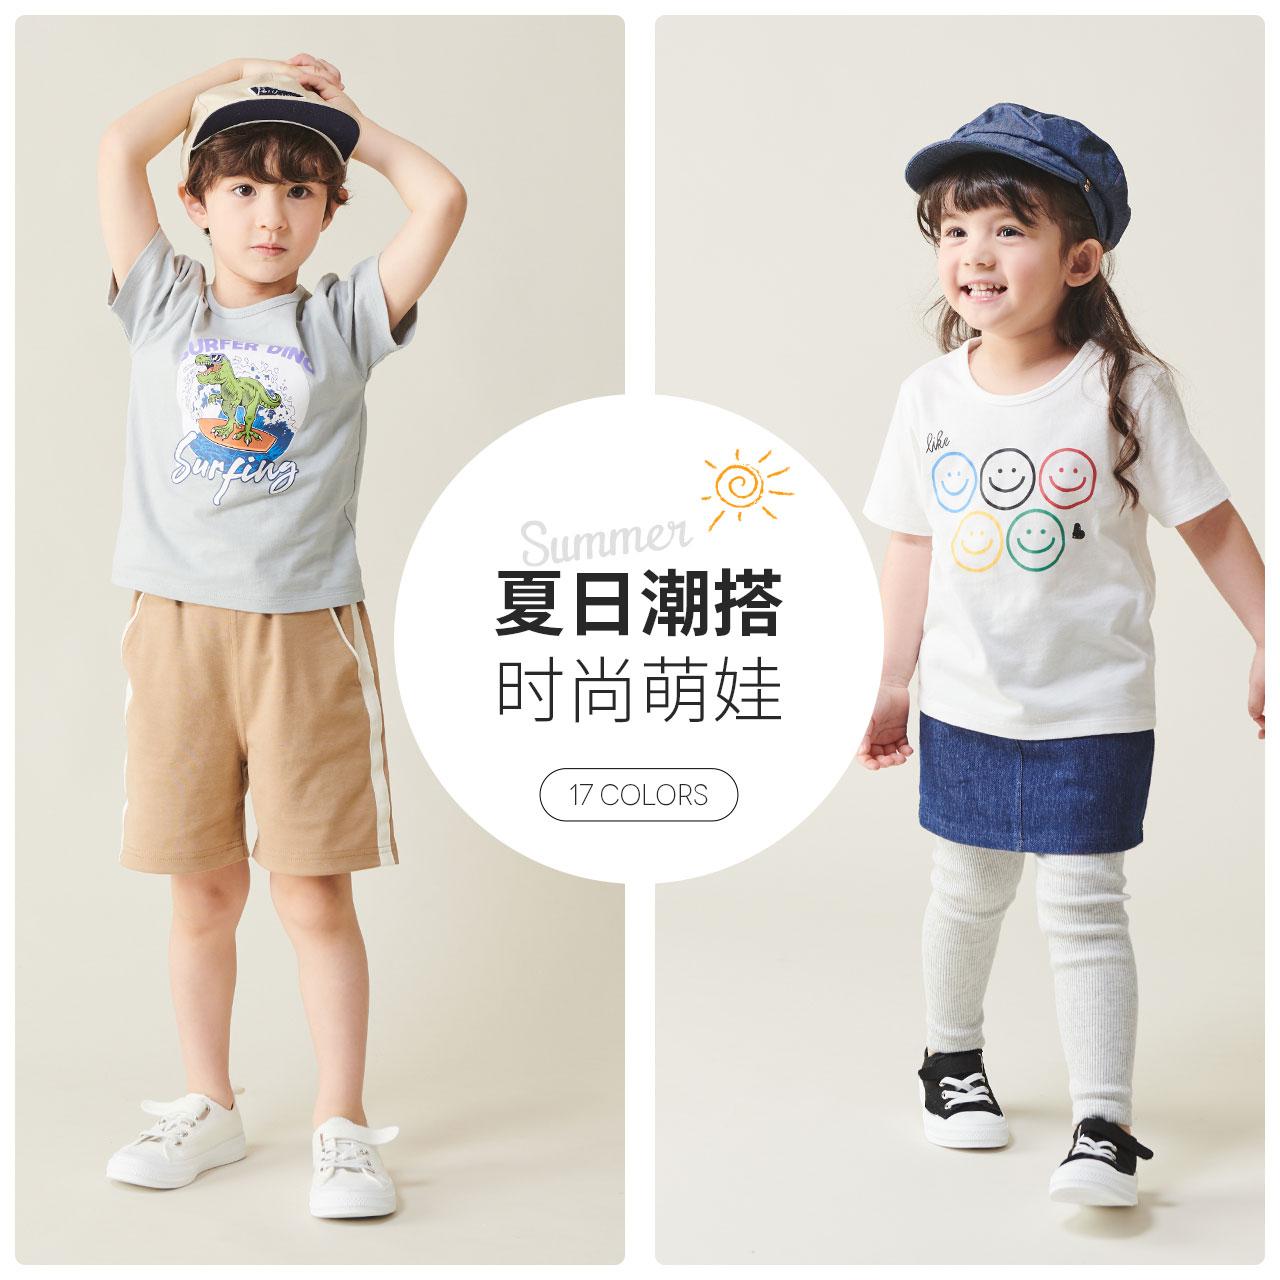 日本超高人气童装品牌,petit main 2020新款 男女童卡通纯棉短袖T恤 多款(双重优惠)